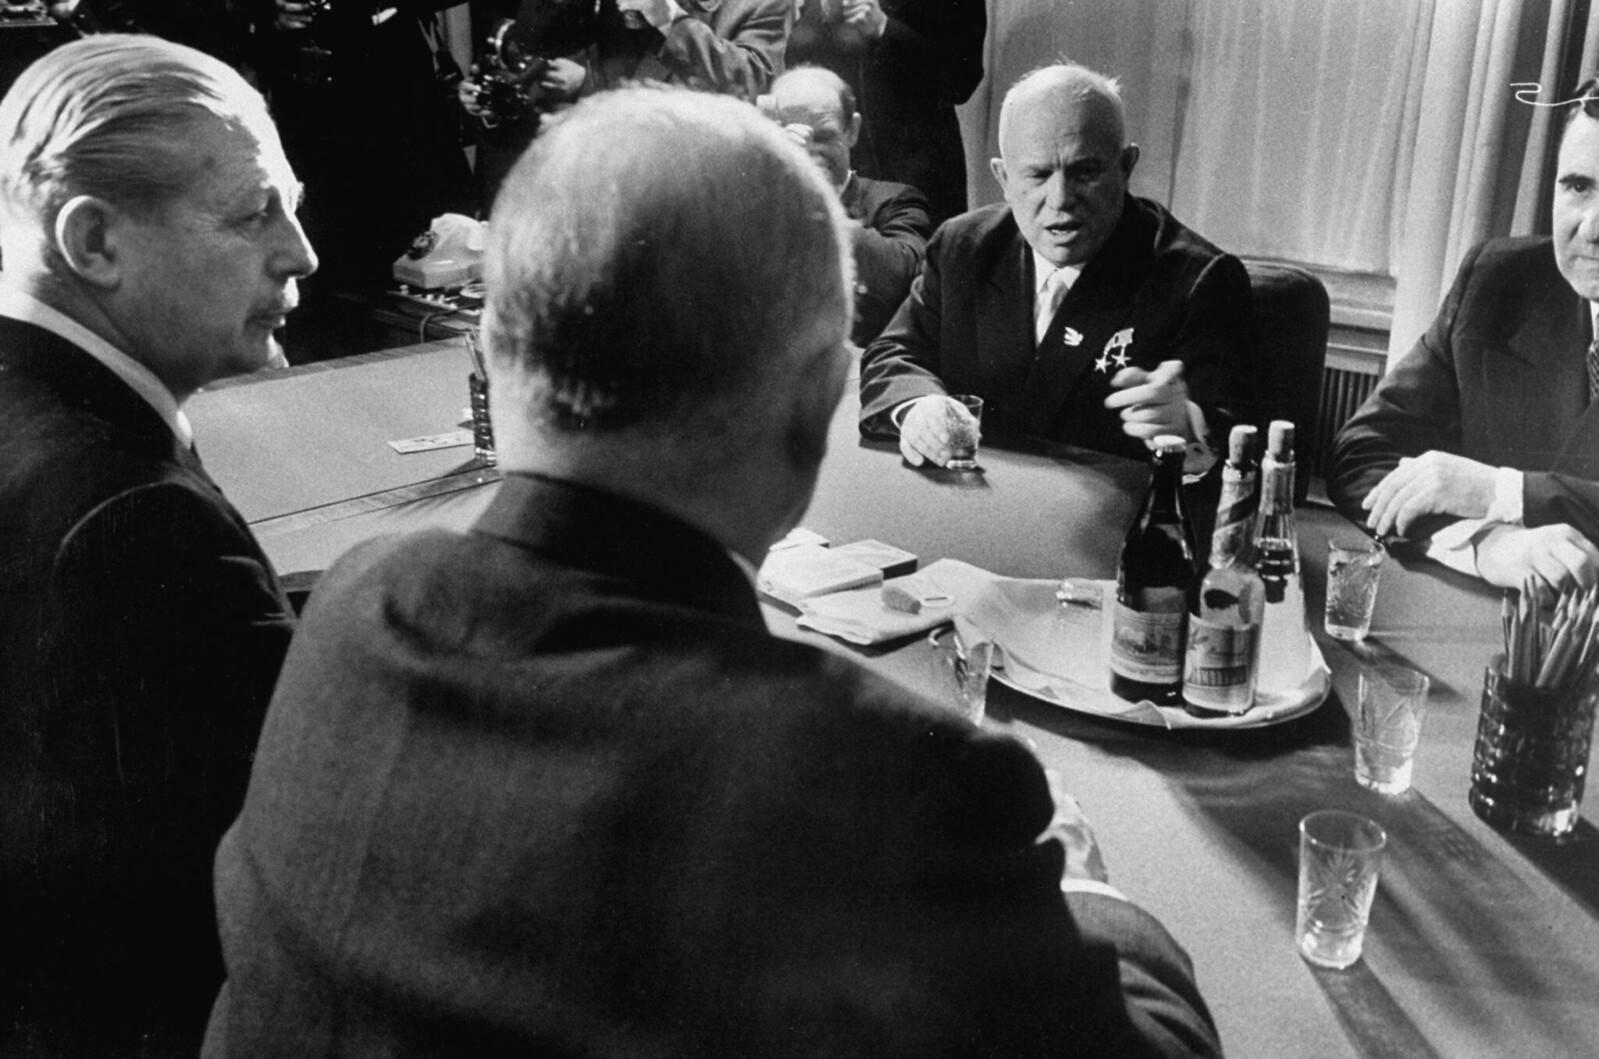 1959. Никита С. Хрущев (справа) беседует с премьер-министром Великобритании Гарольдом Мак Миллианом (слева) и министром иностранных дел Великобритании Селвином Ллойдом